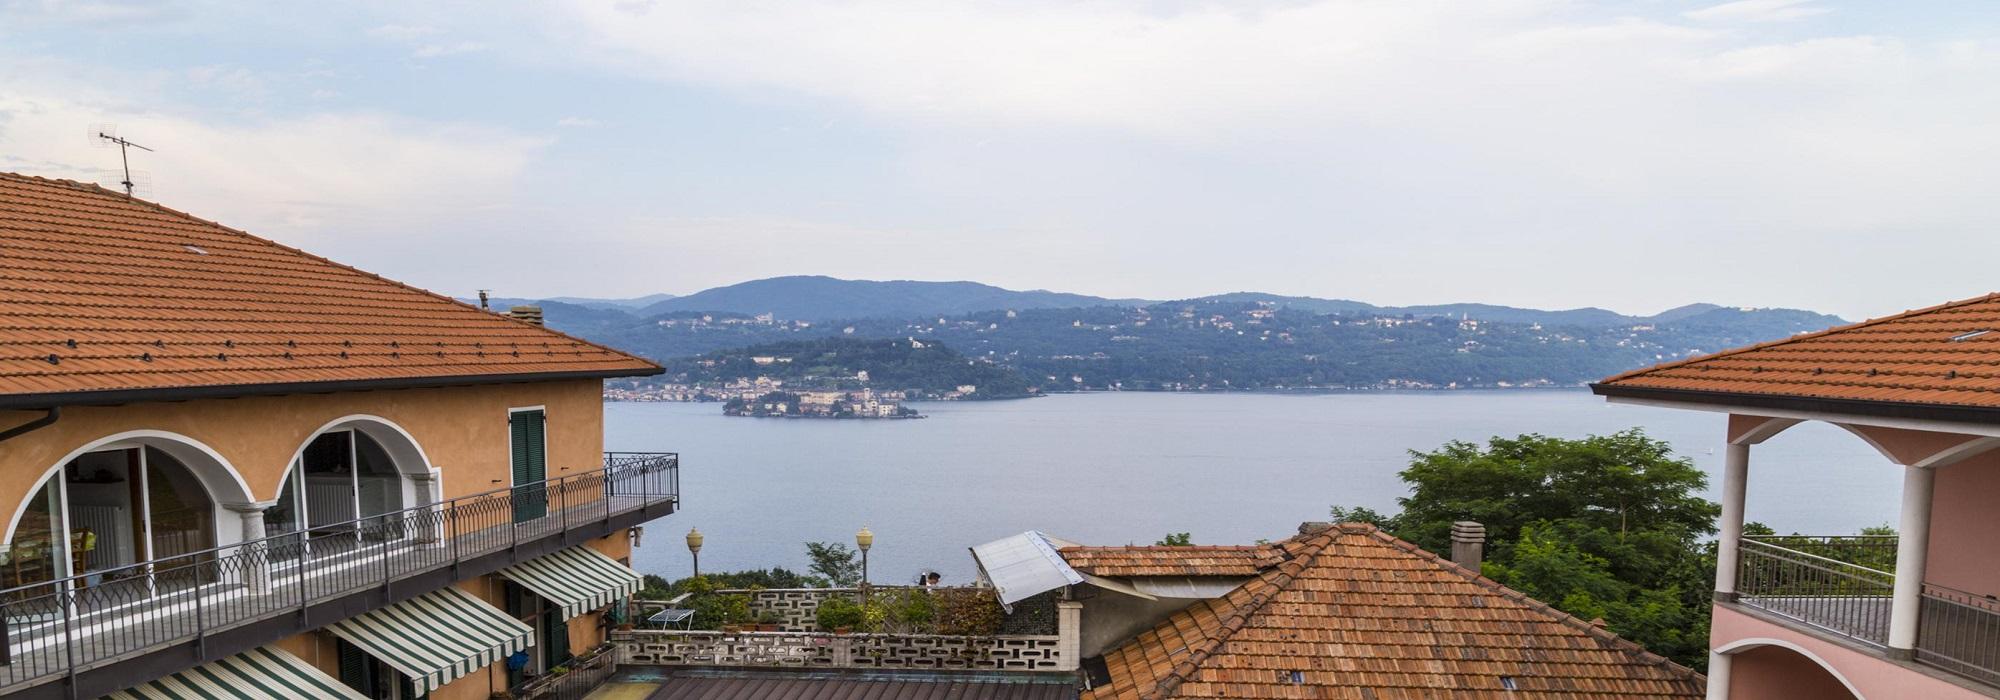 ALZO Appartamento con bellissima vista lago